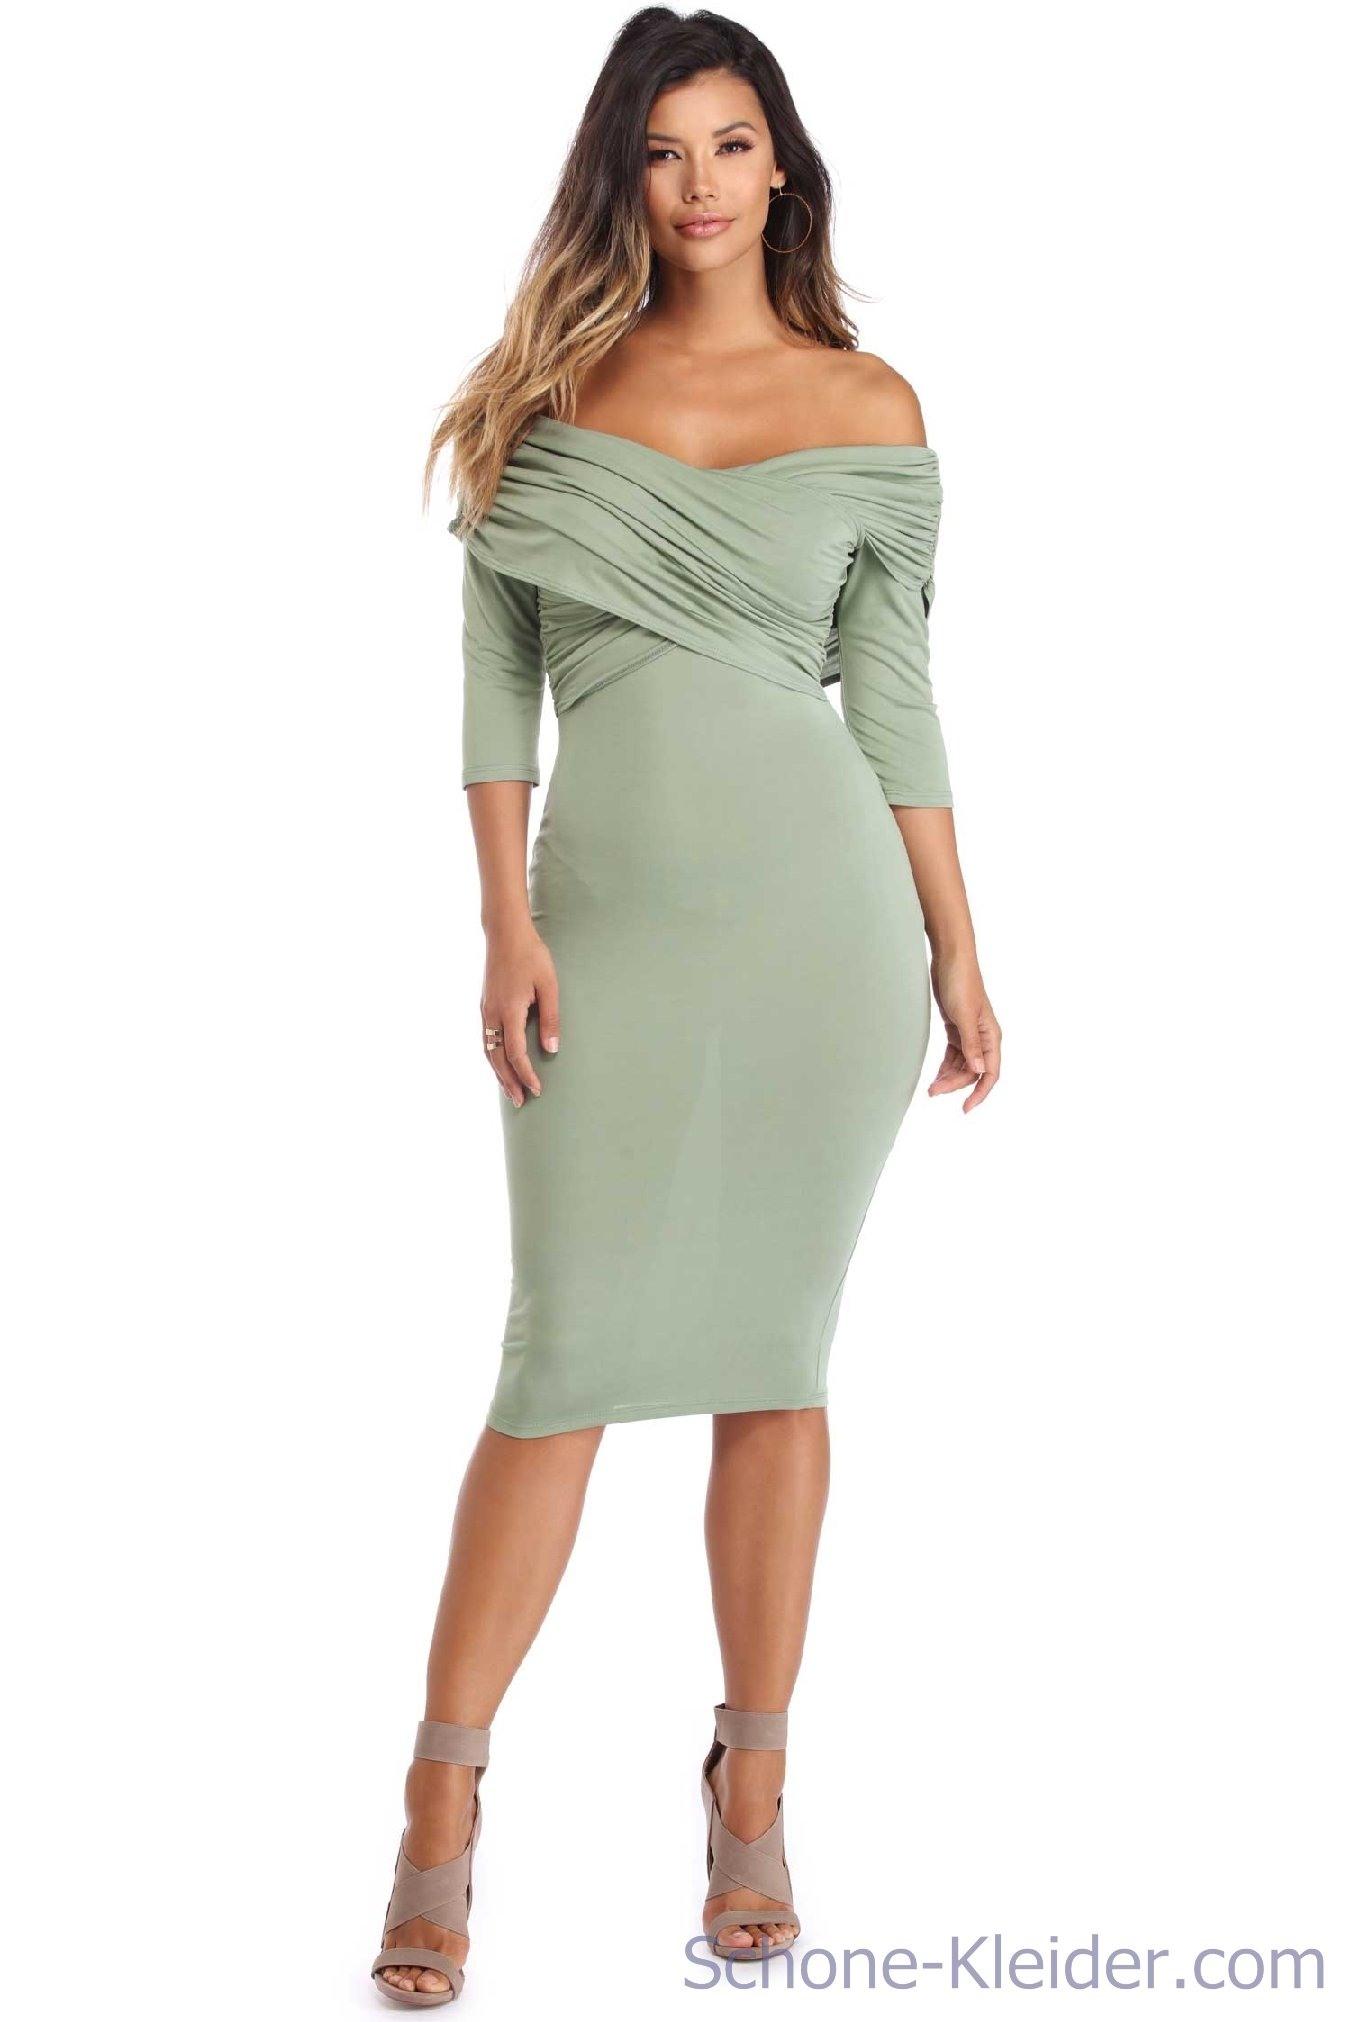 Abend Großartig Elegante Abendkleider Midi Bester PreisAbend Perfekt Elegante Abendkleider Midi Ärmel